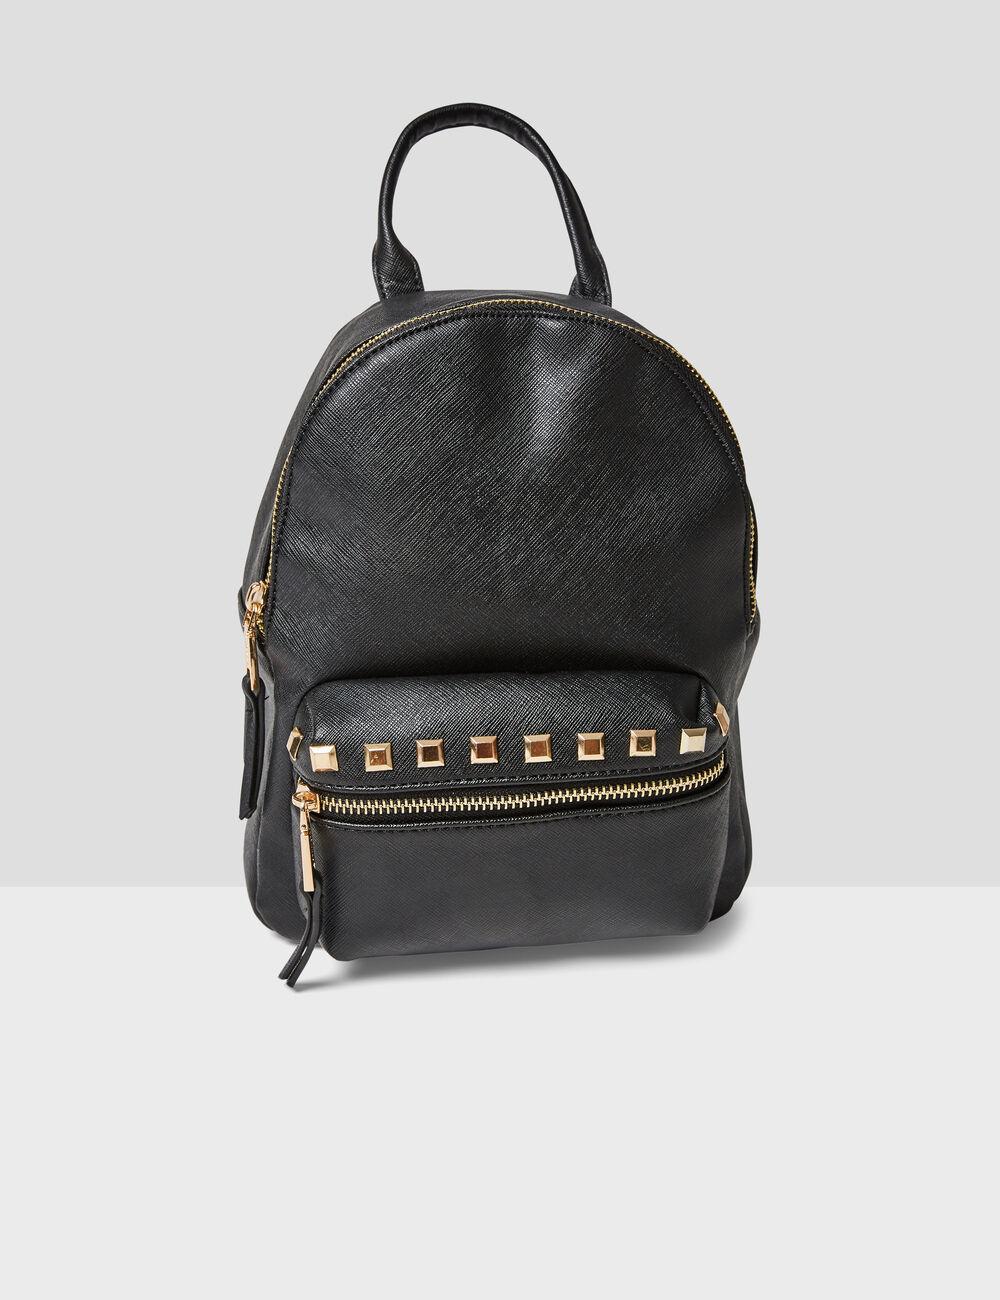 Petit sac à dos clouté noir femme • Jennyfer 34caa272c2d